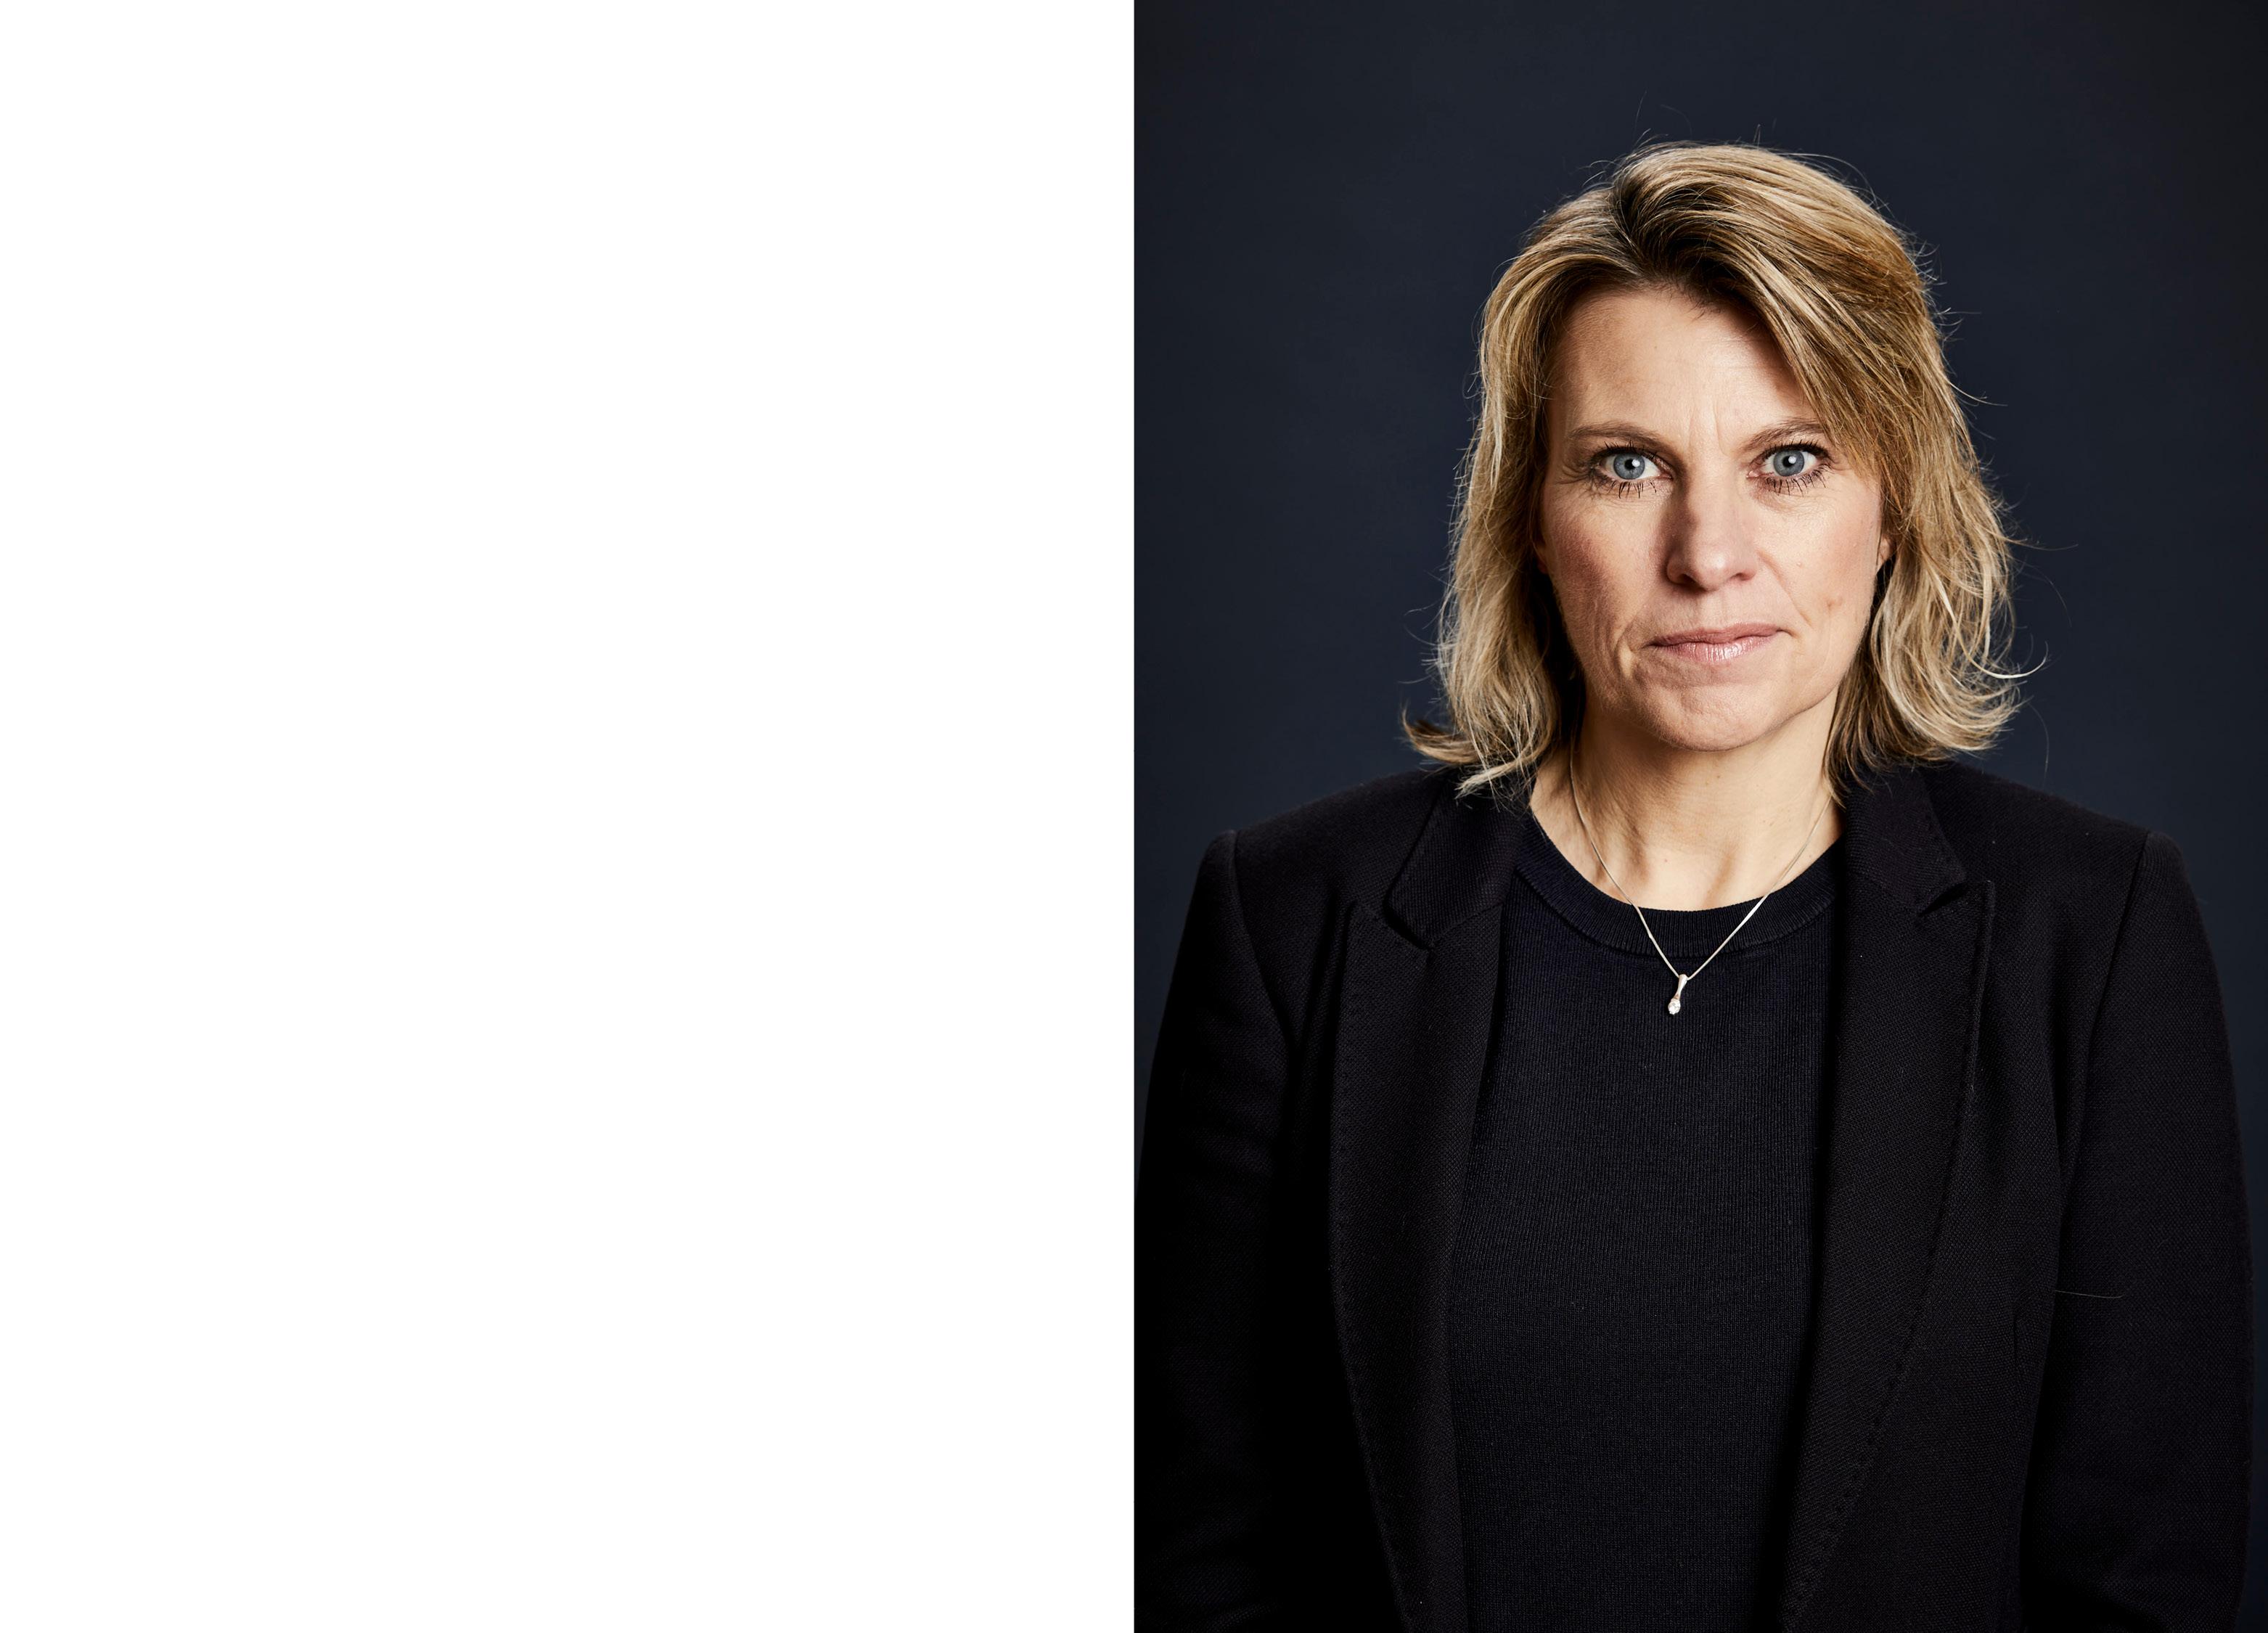 Company Shop Group Portraits - Sally Wake